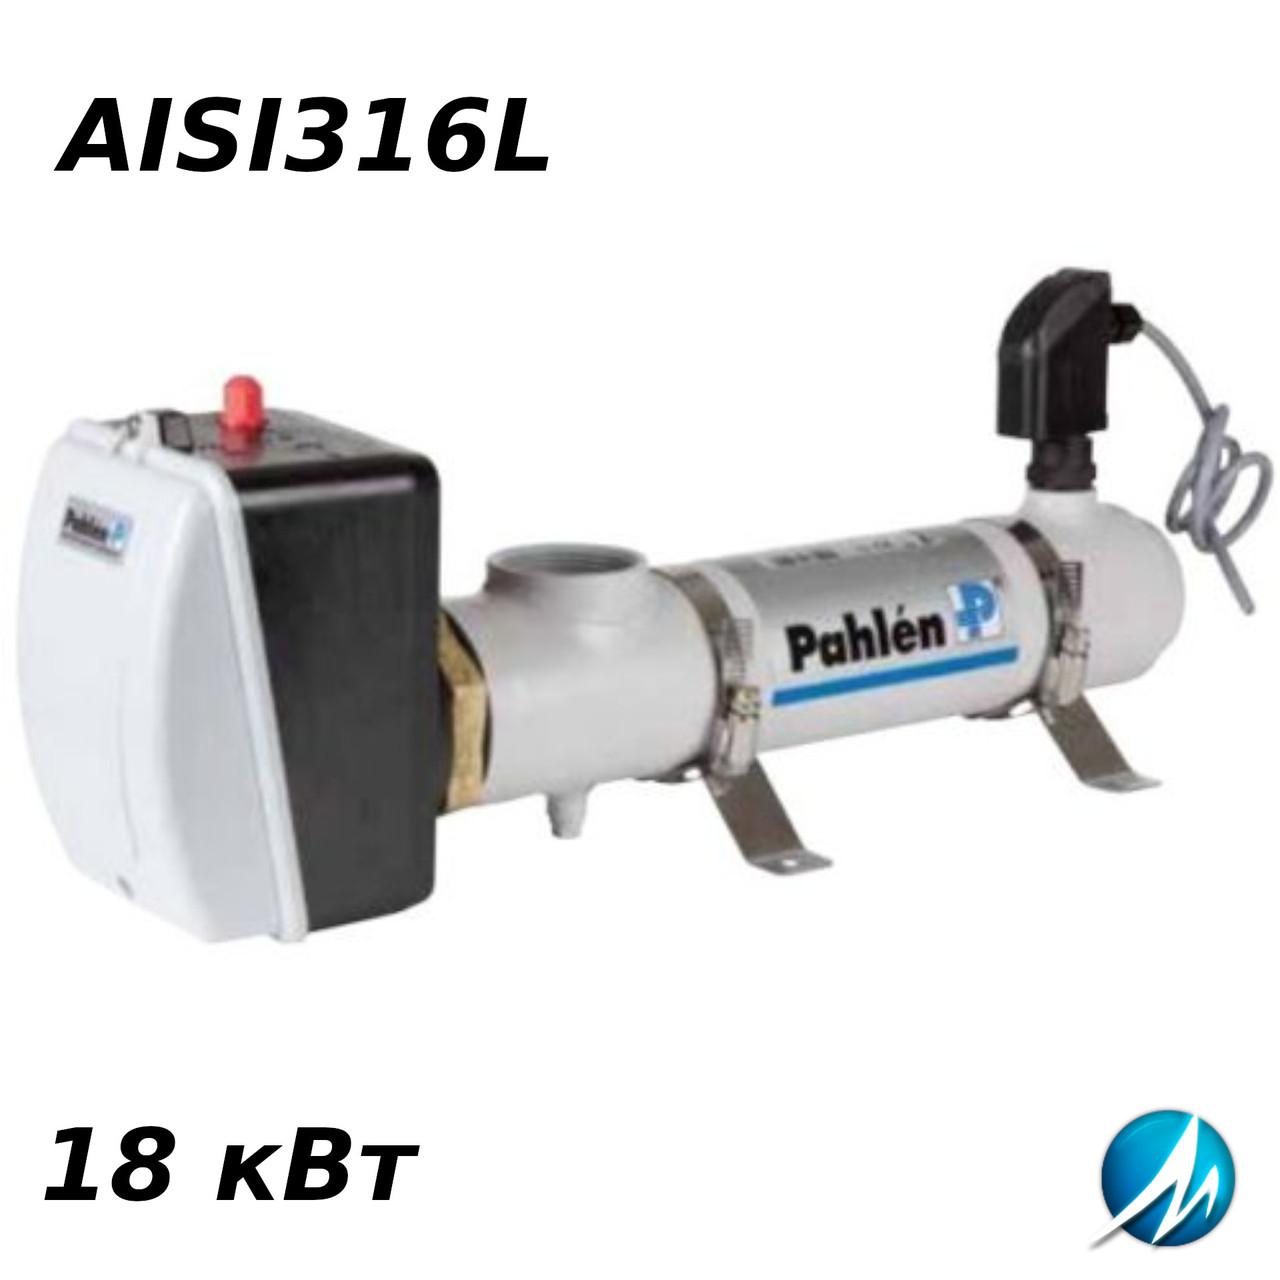 Электронагреватель NEW Pahlen (корпус из н/ж) 18 кВт